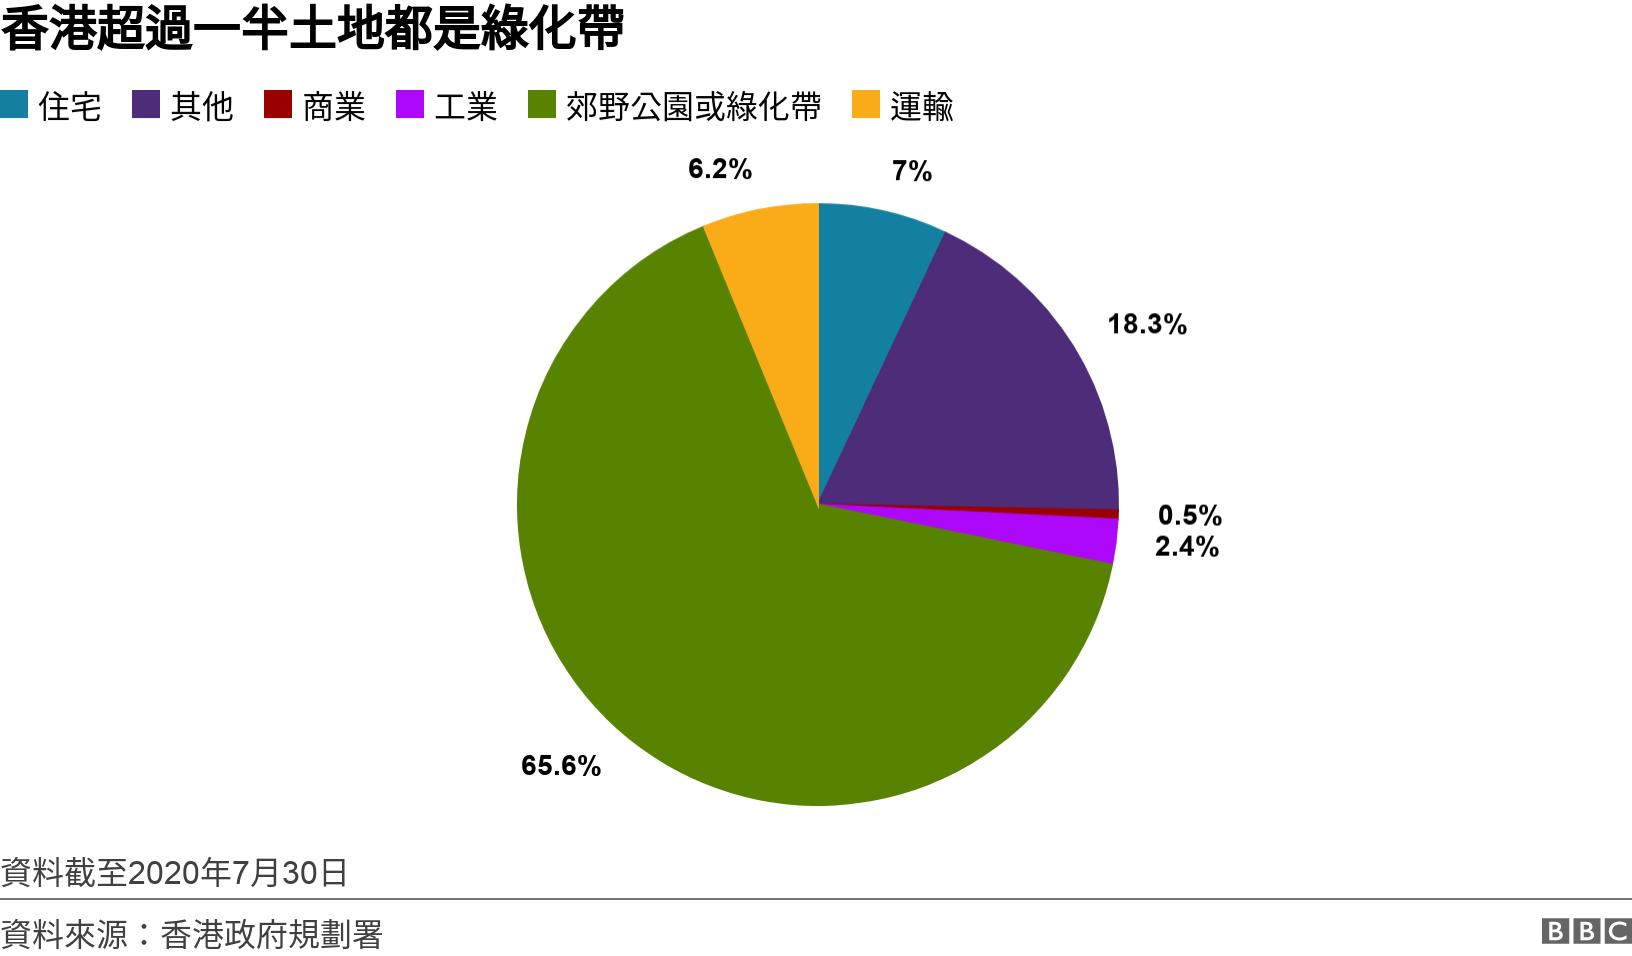 香港超過一半土地都是綠化帶. .  資料截至2020年7月30日.